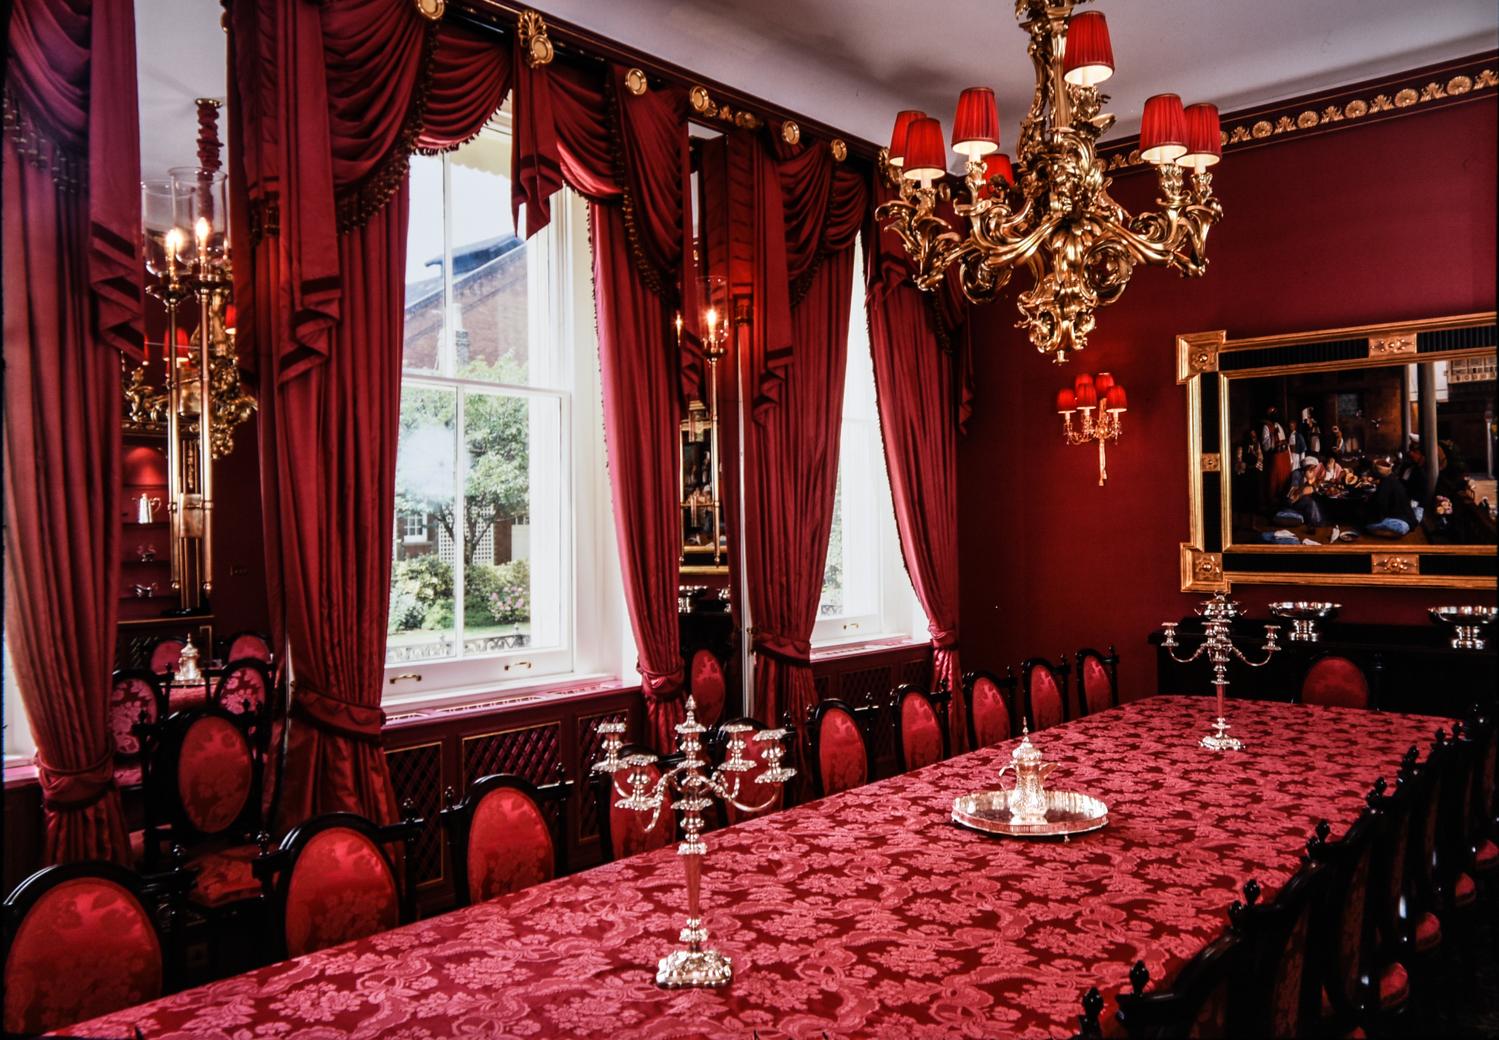 """Project Kensington Palace Gardens           Normal   0           false   false   false     EN-GB   X-NONE   X-NONE                                                                                                                                                                                                                                                                                                                                                                                                                                                                                                                                                                                                                                                                                                                                                                                                                                                                   /* Style Definitions */  table.MsoNormalTable {mso-style-name:""""Table Normal""""; mso-tstyle-rowband-size:0; mso-tstyle-colband-size:0; mso-style-noshow:yes; mso-style-priority:99; mso-style-parent:""""""""; mso-padding-alt:0in 5.4pt 0in 5.4pt; mso-para-margin-top:0in; mso-para-margin-right:0in; mso-para-margin-bottom:8.0pt; mso-para-margin-left:0in; line-height:103%; mso-pagination:widow-orphan; text-autospace:ideograph-other; font-size:11.0pt; font-family:""""Calibri"""",sans-serif; mso-fareast-language:EN-US;}"""